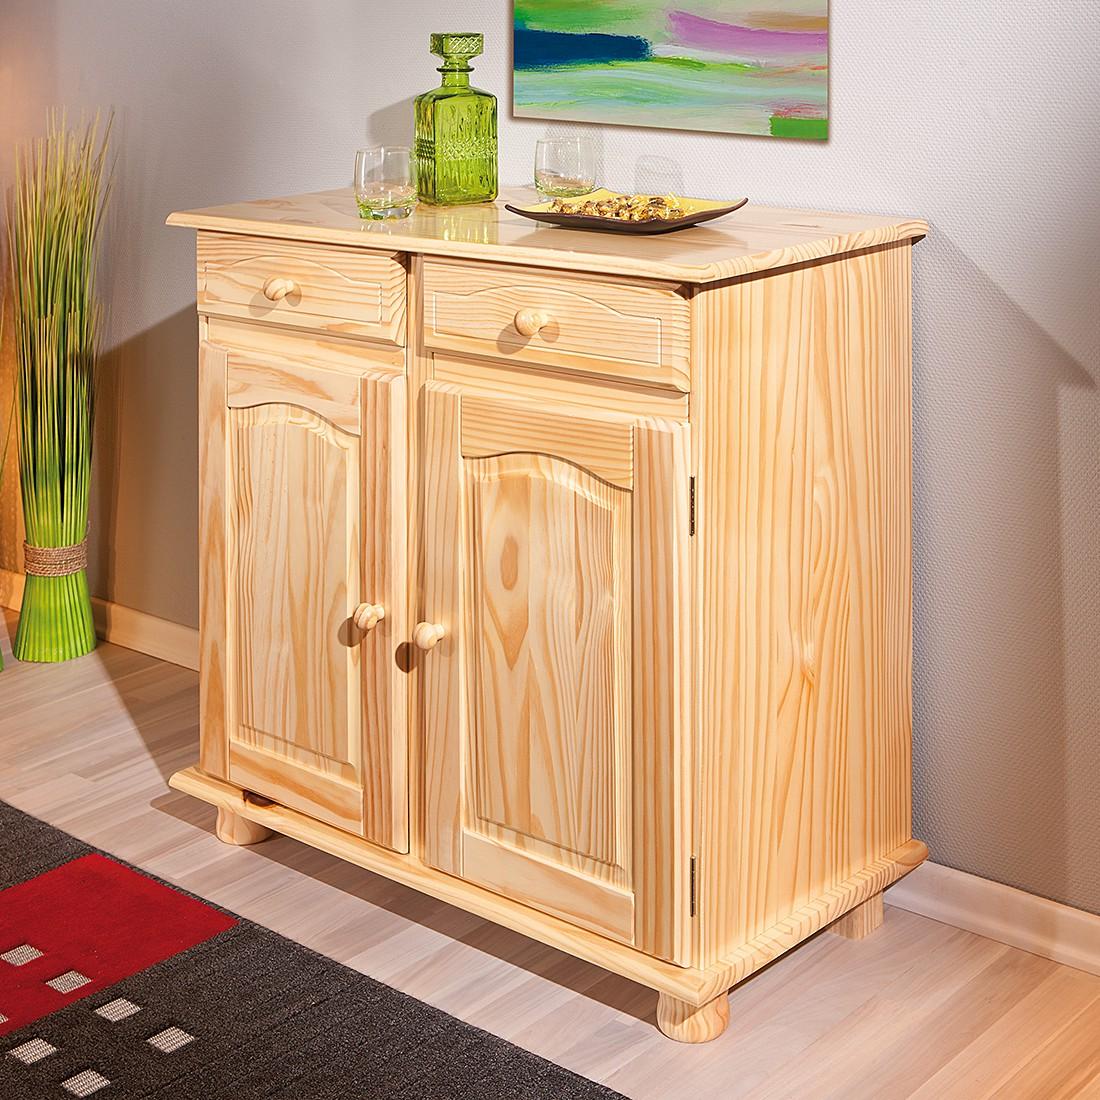 32 sparen kommode fenja nur 129 99 cherry m bel home24. Black Bedroom Furniture Sets. Home Design Ideas